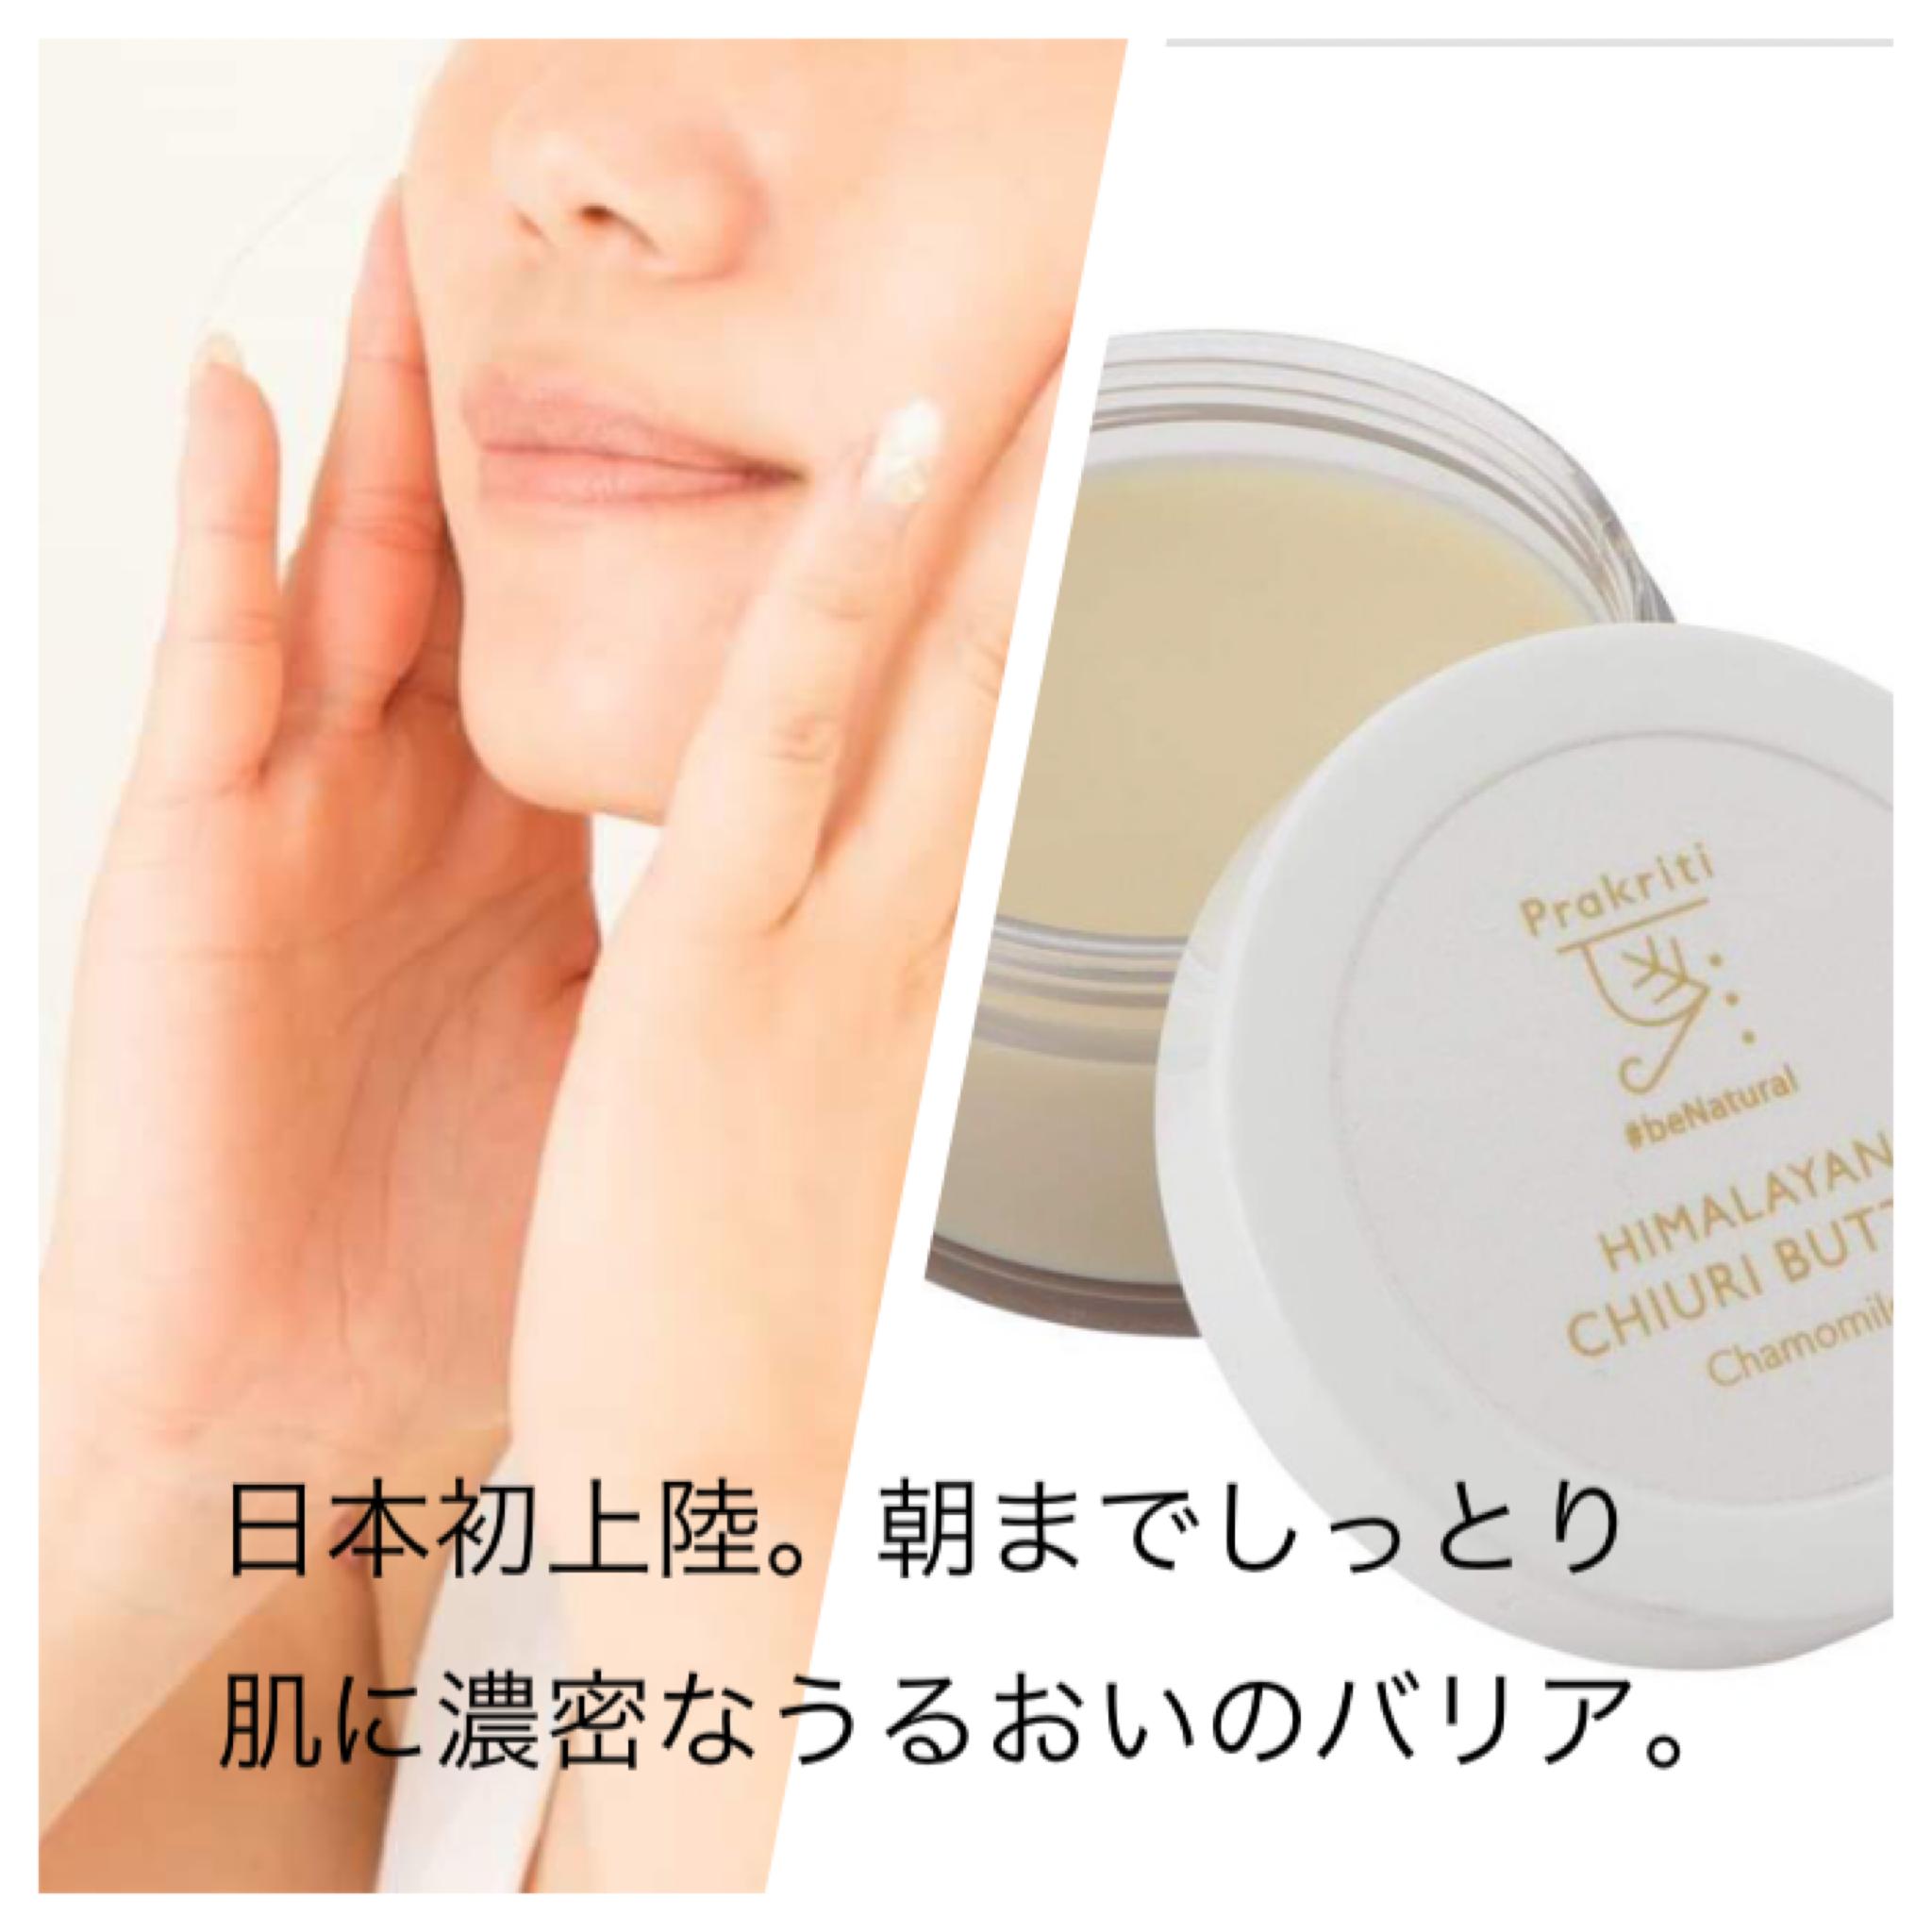 濃密な保湿力であなたの肌を守ります。